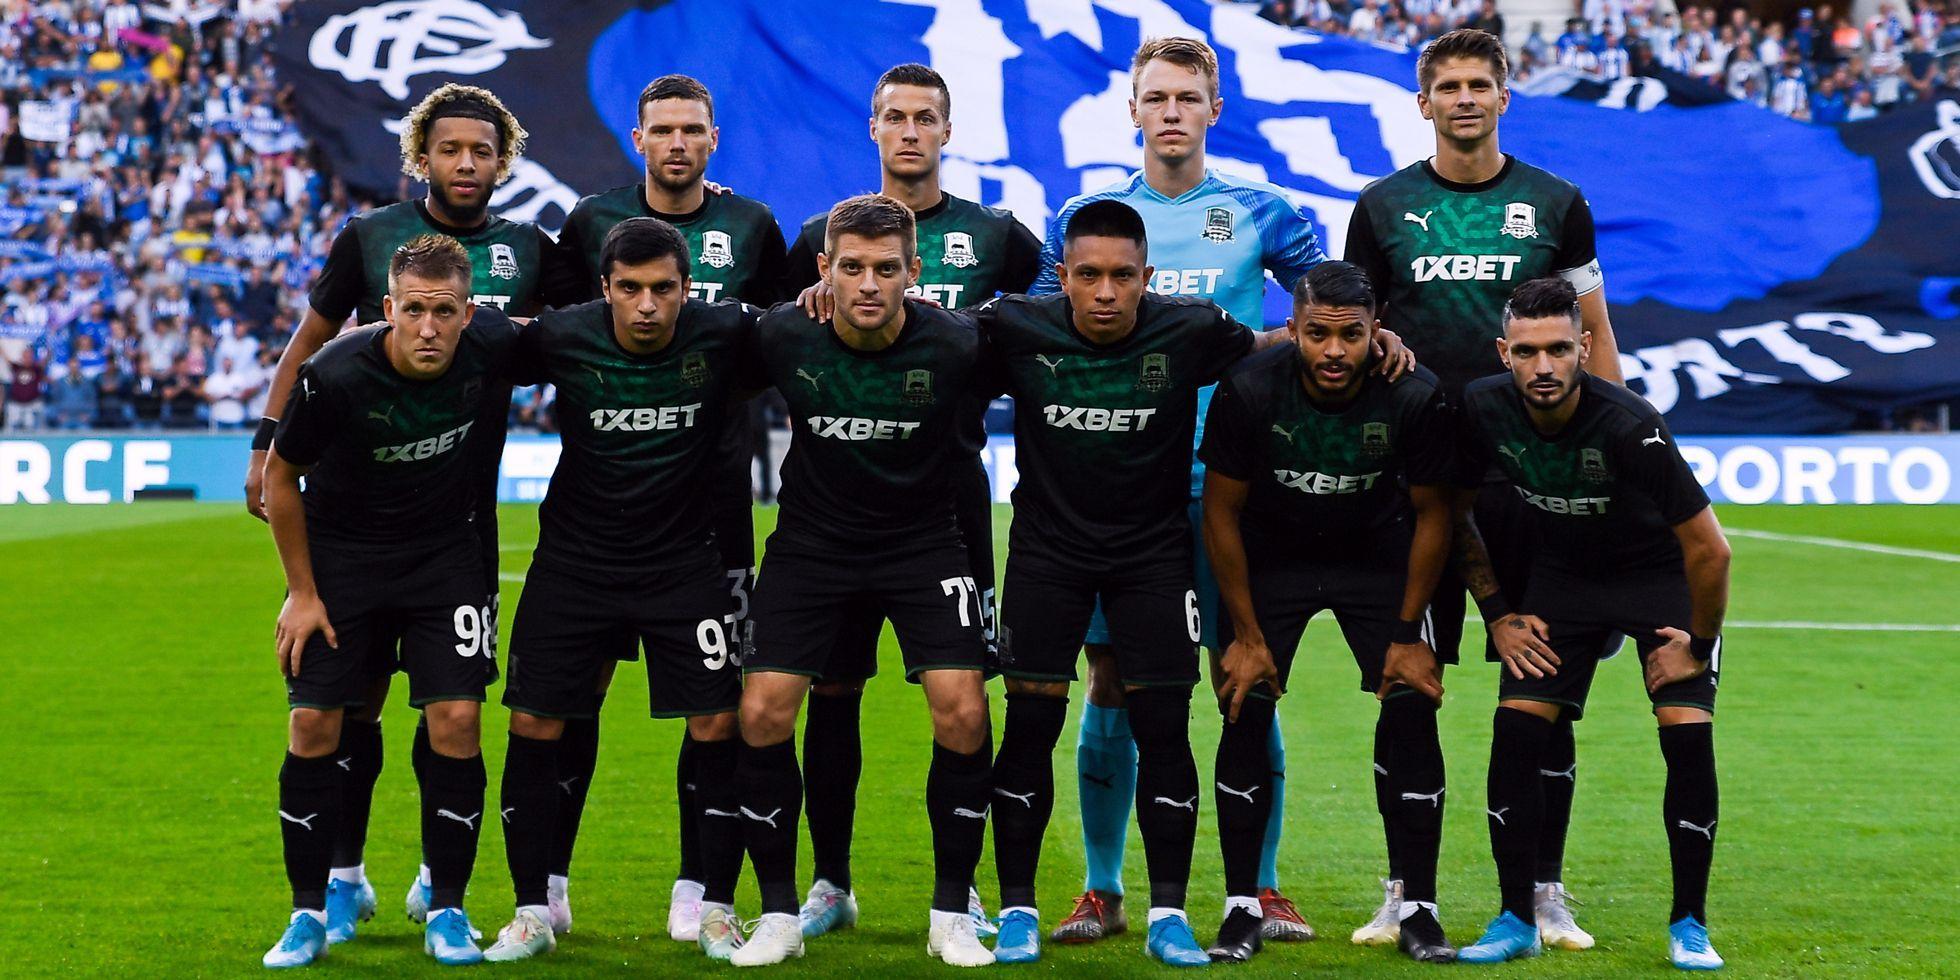 УЕФА назвал претендентов на попадание в команду года